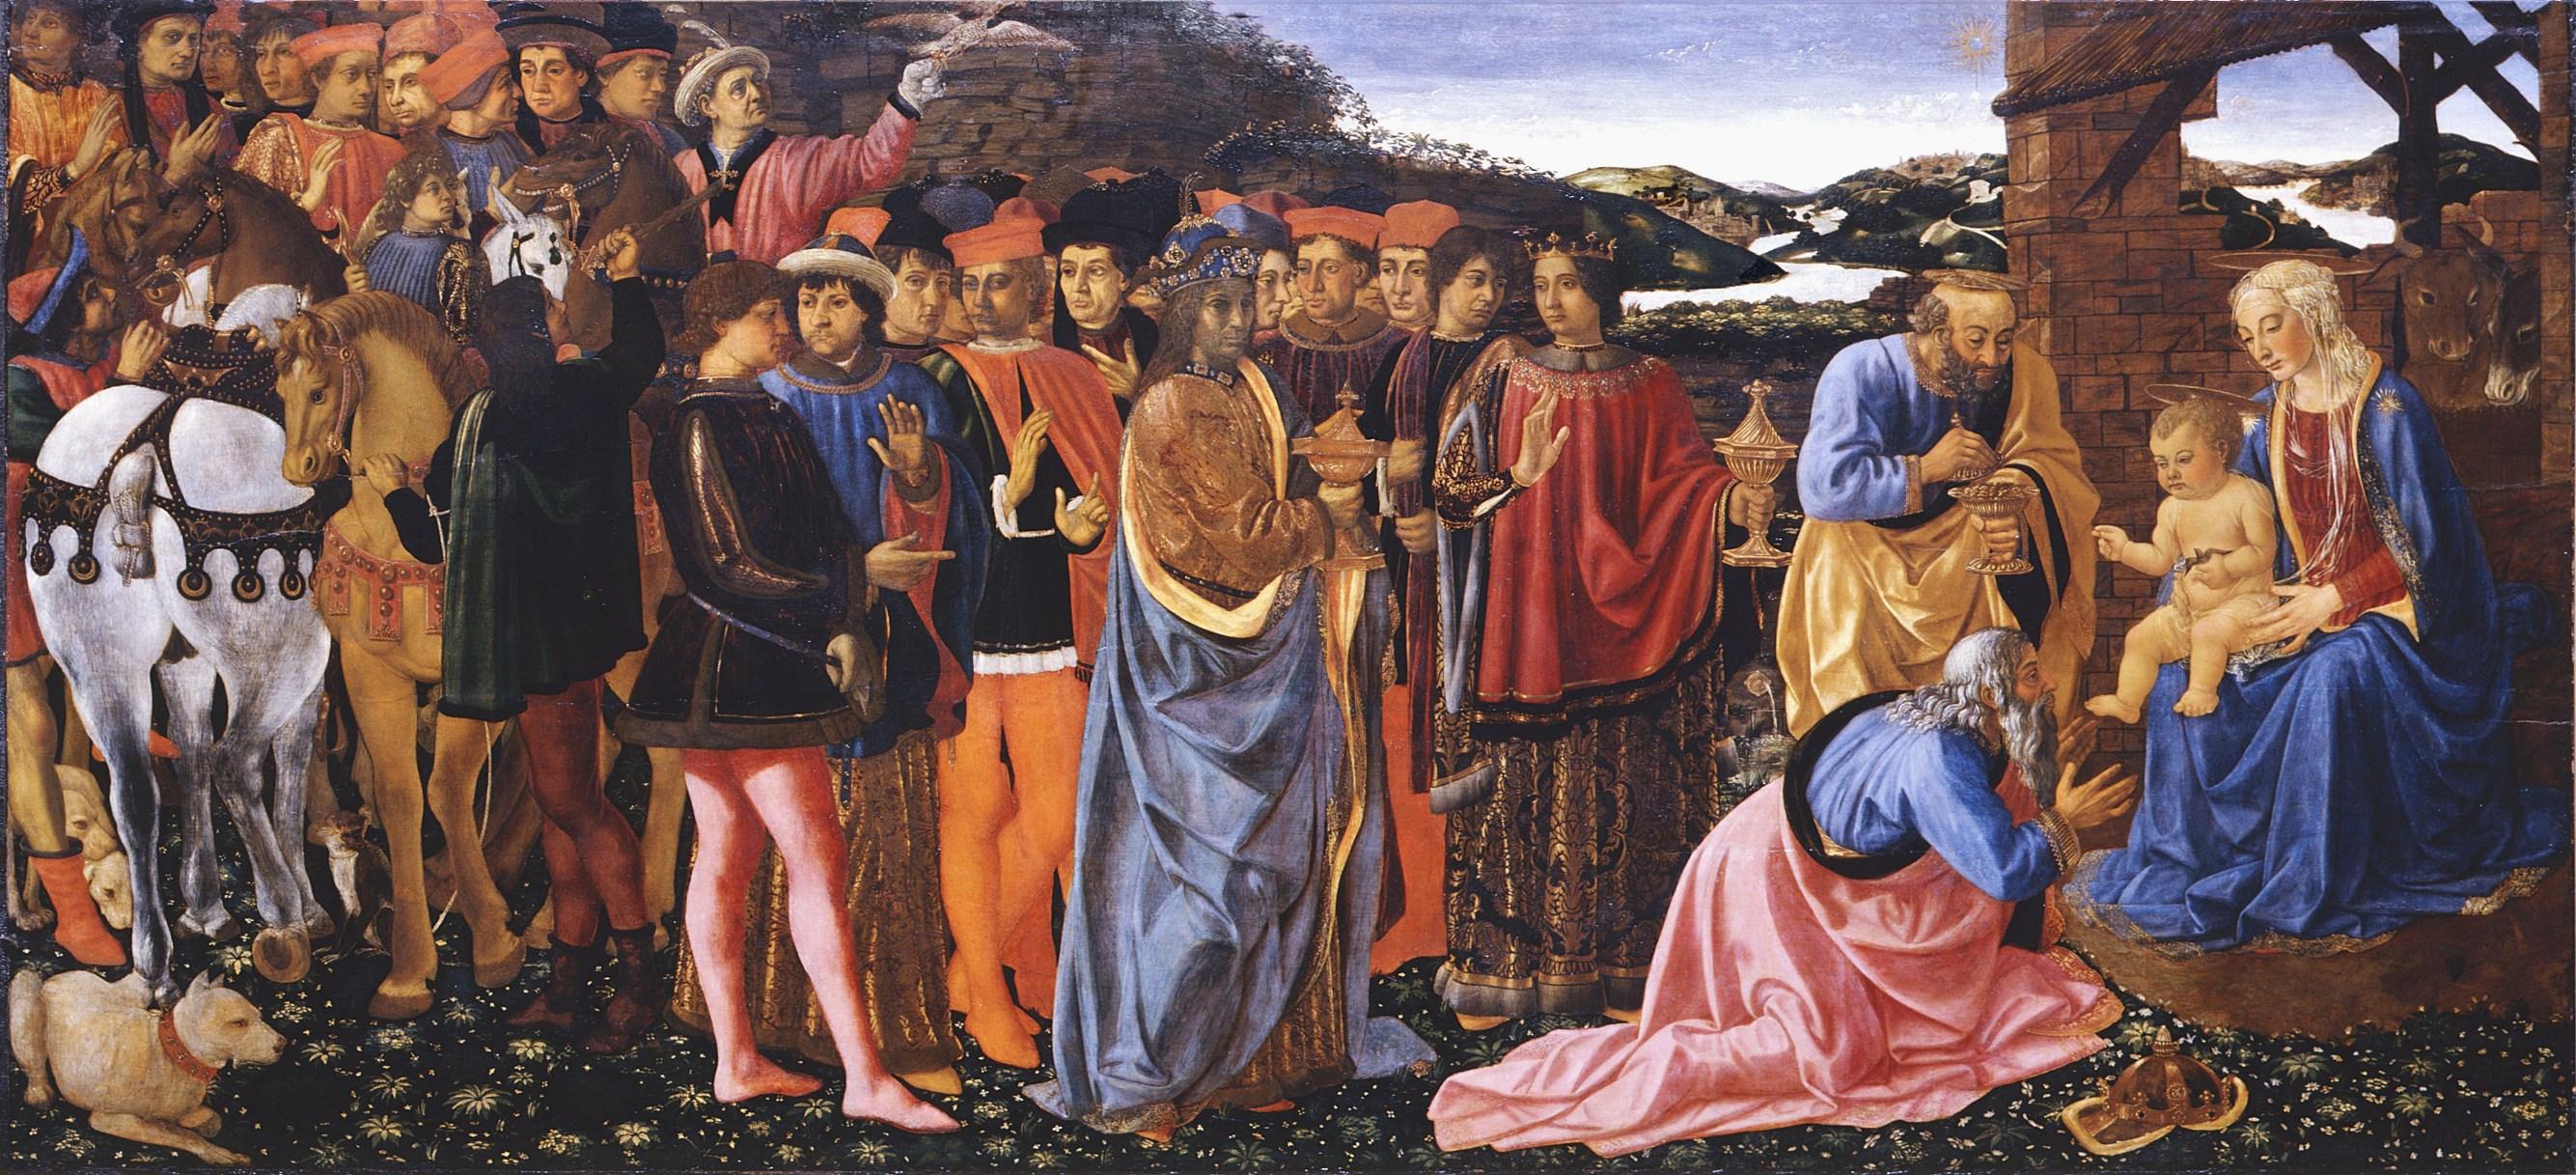 File:Cosimo Rosselli Adorazione dei Magi c. 1470, 101 x 217cm Galleria degli